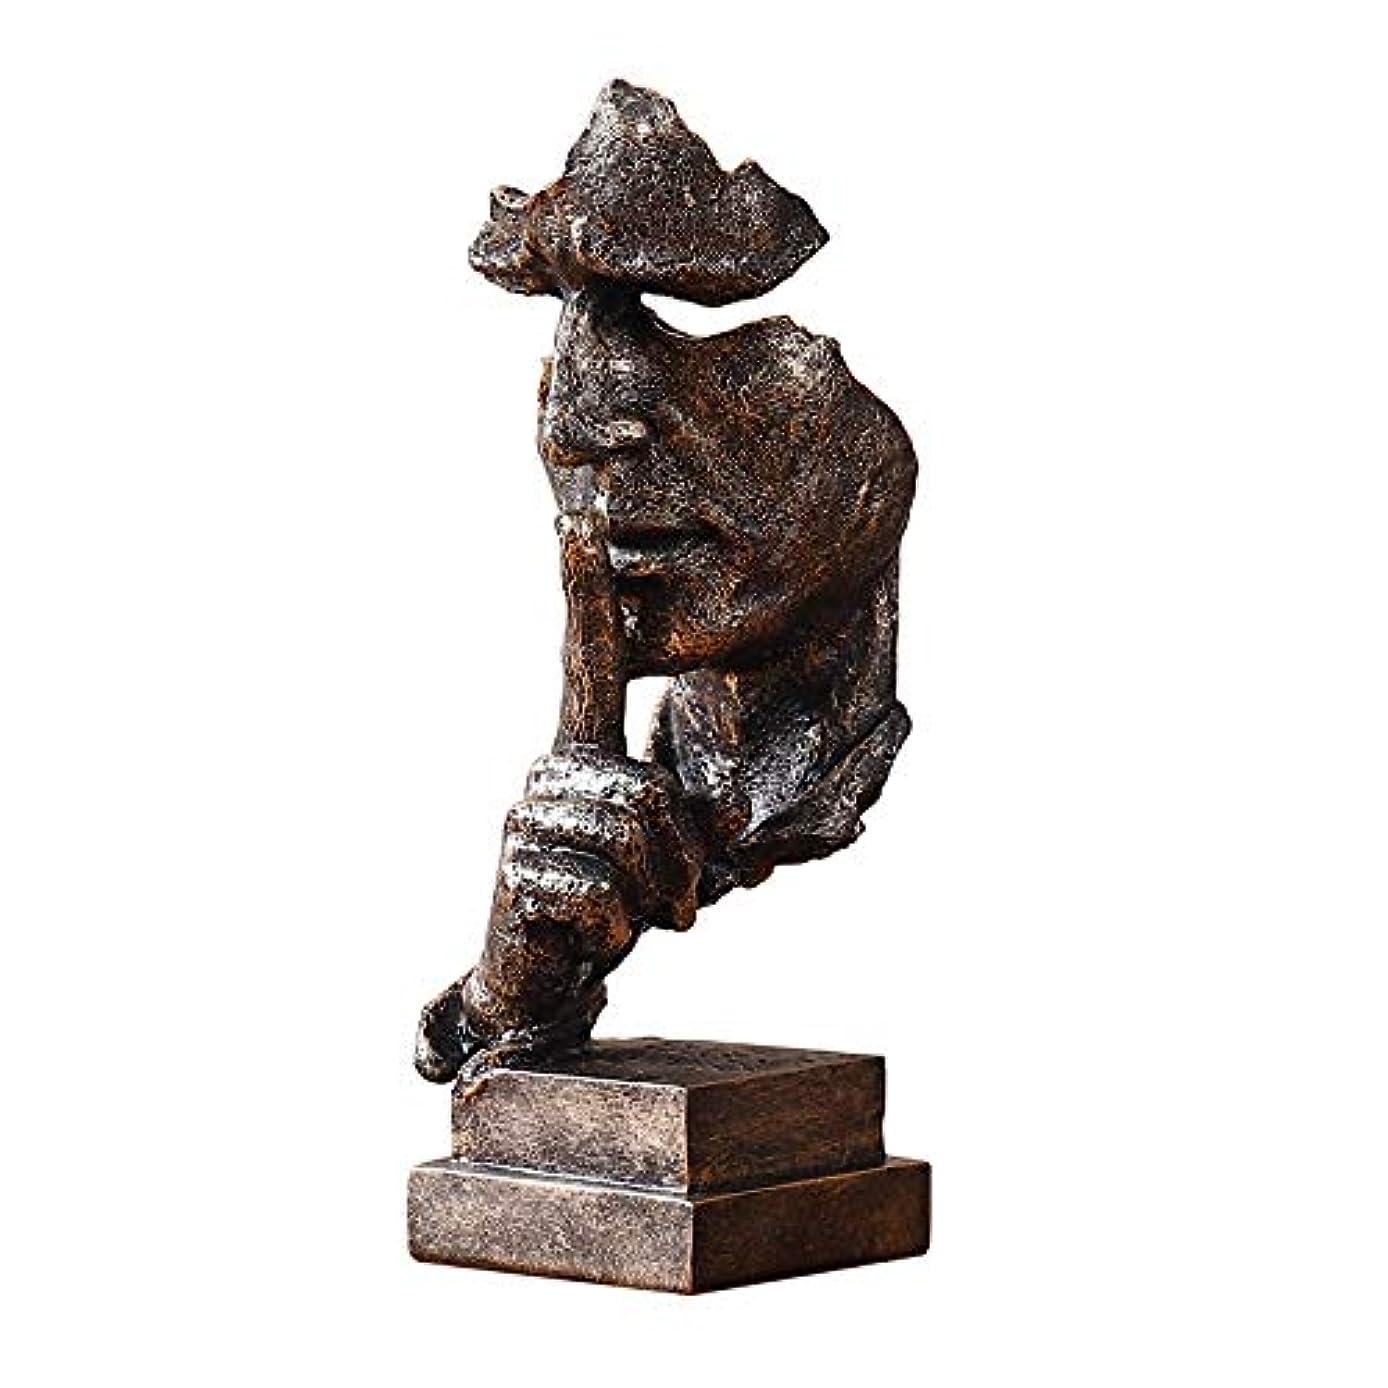 水分選ぶ習熟度樹脂抽象彫刻沈黙はゴールデン男性像キャラクター工芸品装飾用オフィスリビングルームアートワーク,Bronze